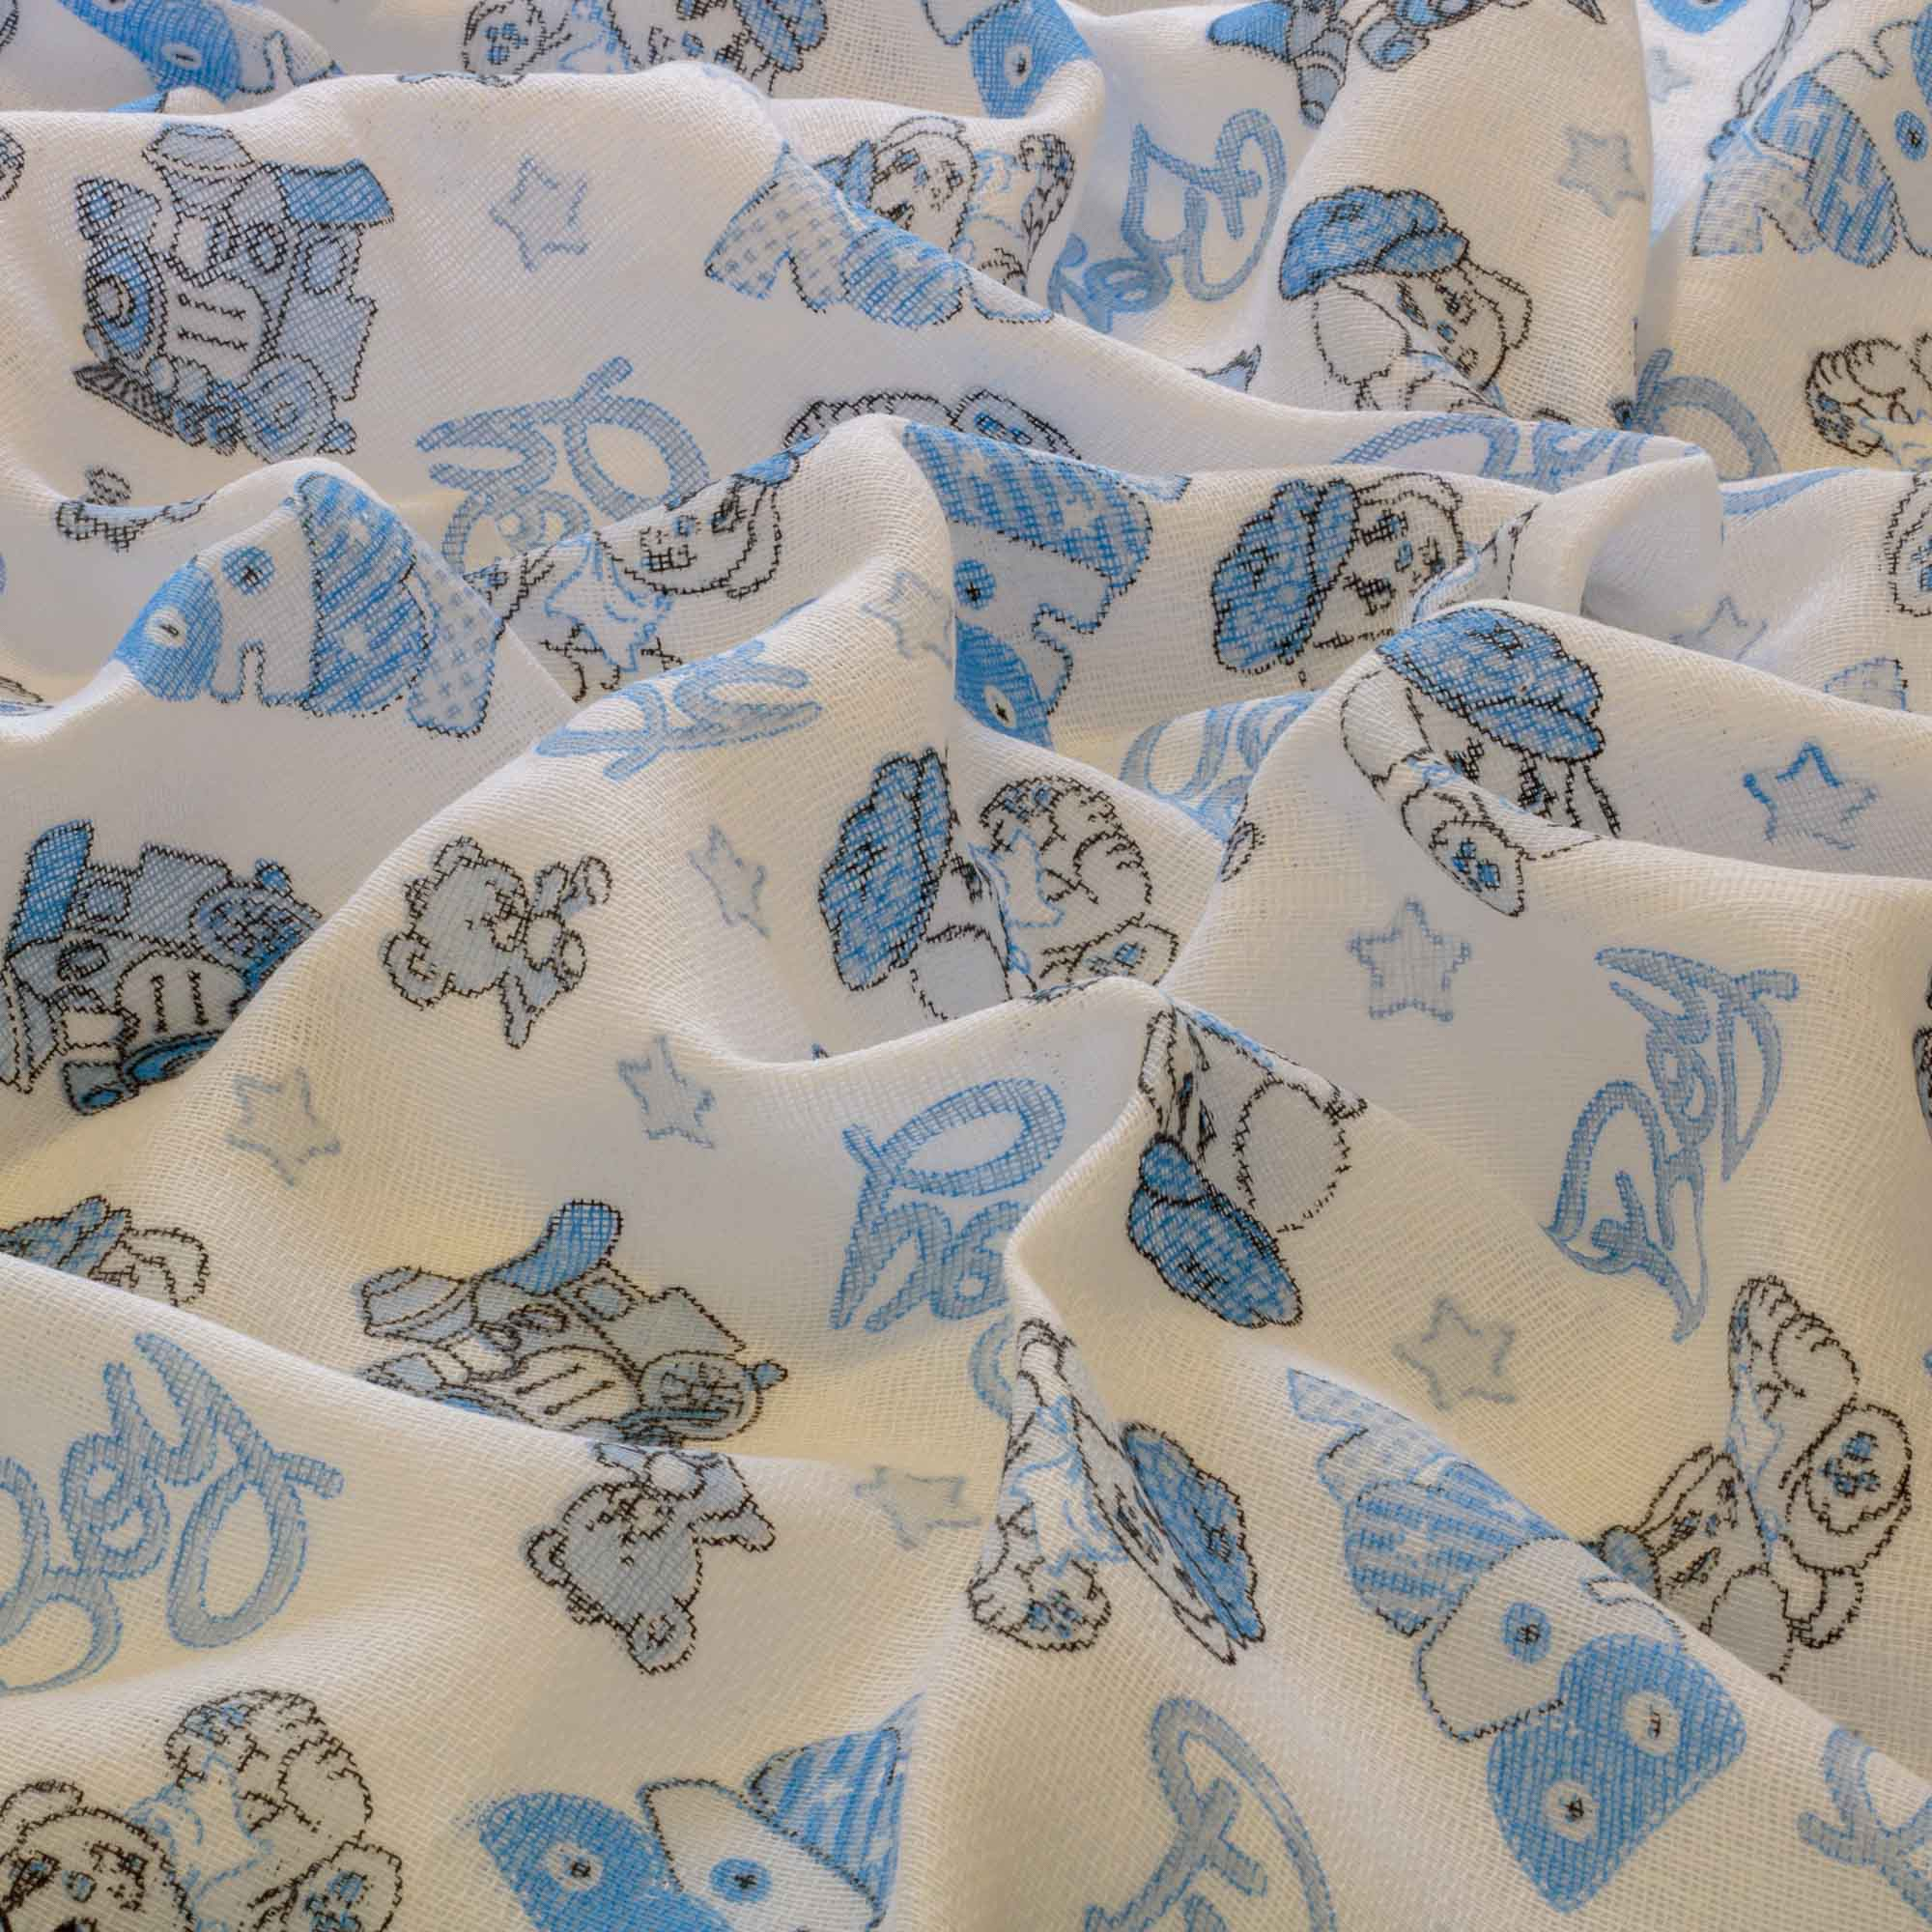 Tecido fralda de pano dohler estampada 70x70 cm 100% algodão azul